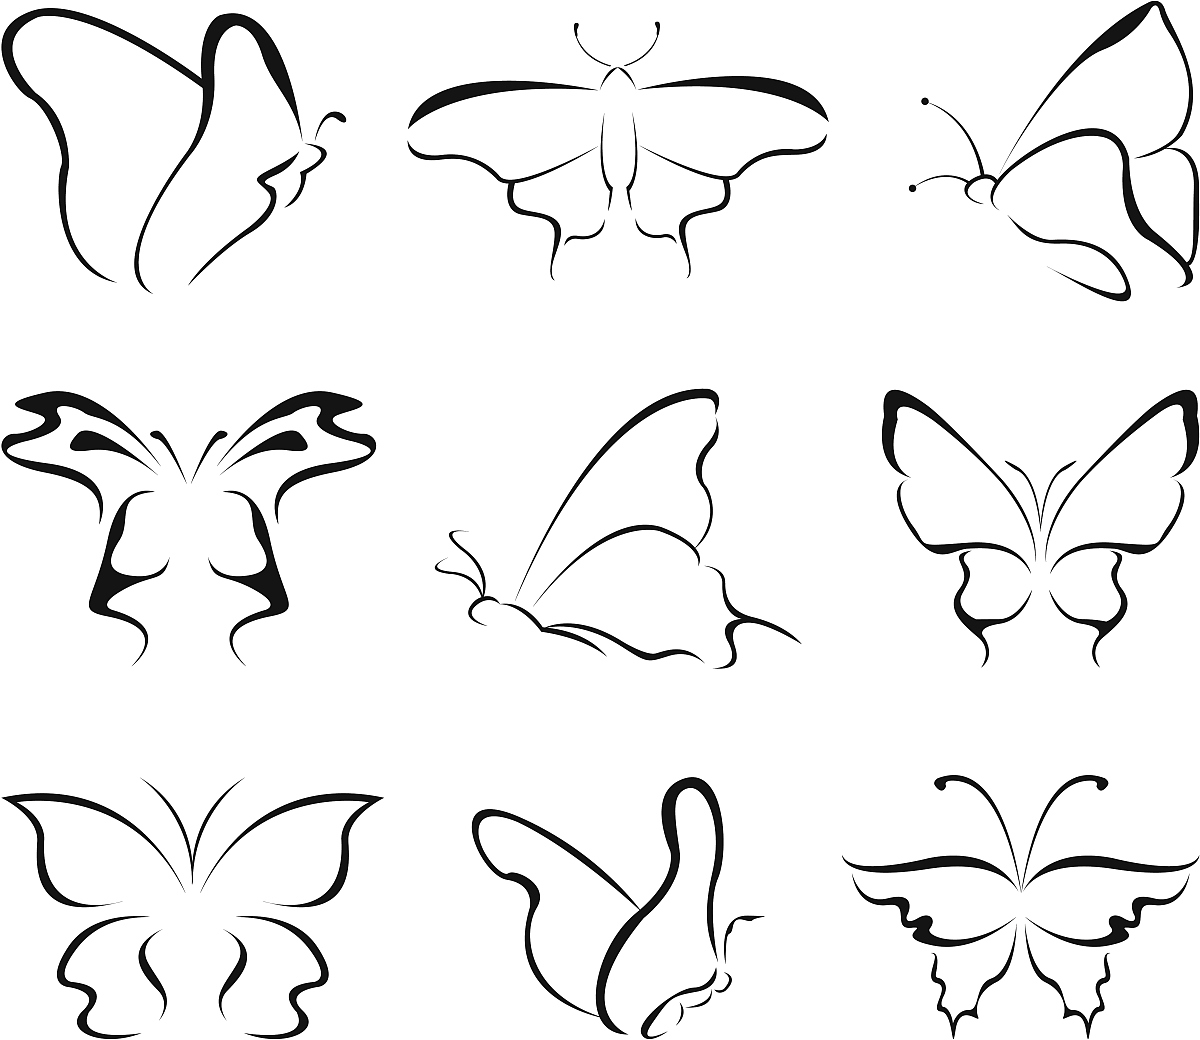 昆虫,黑色,式样,蝴蝶,剪影,计算机图标,美术工艺,艺术,抽象,铅笔画图片